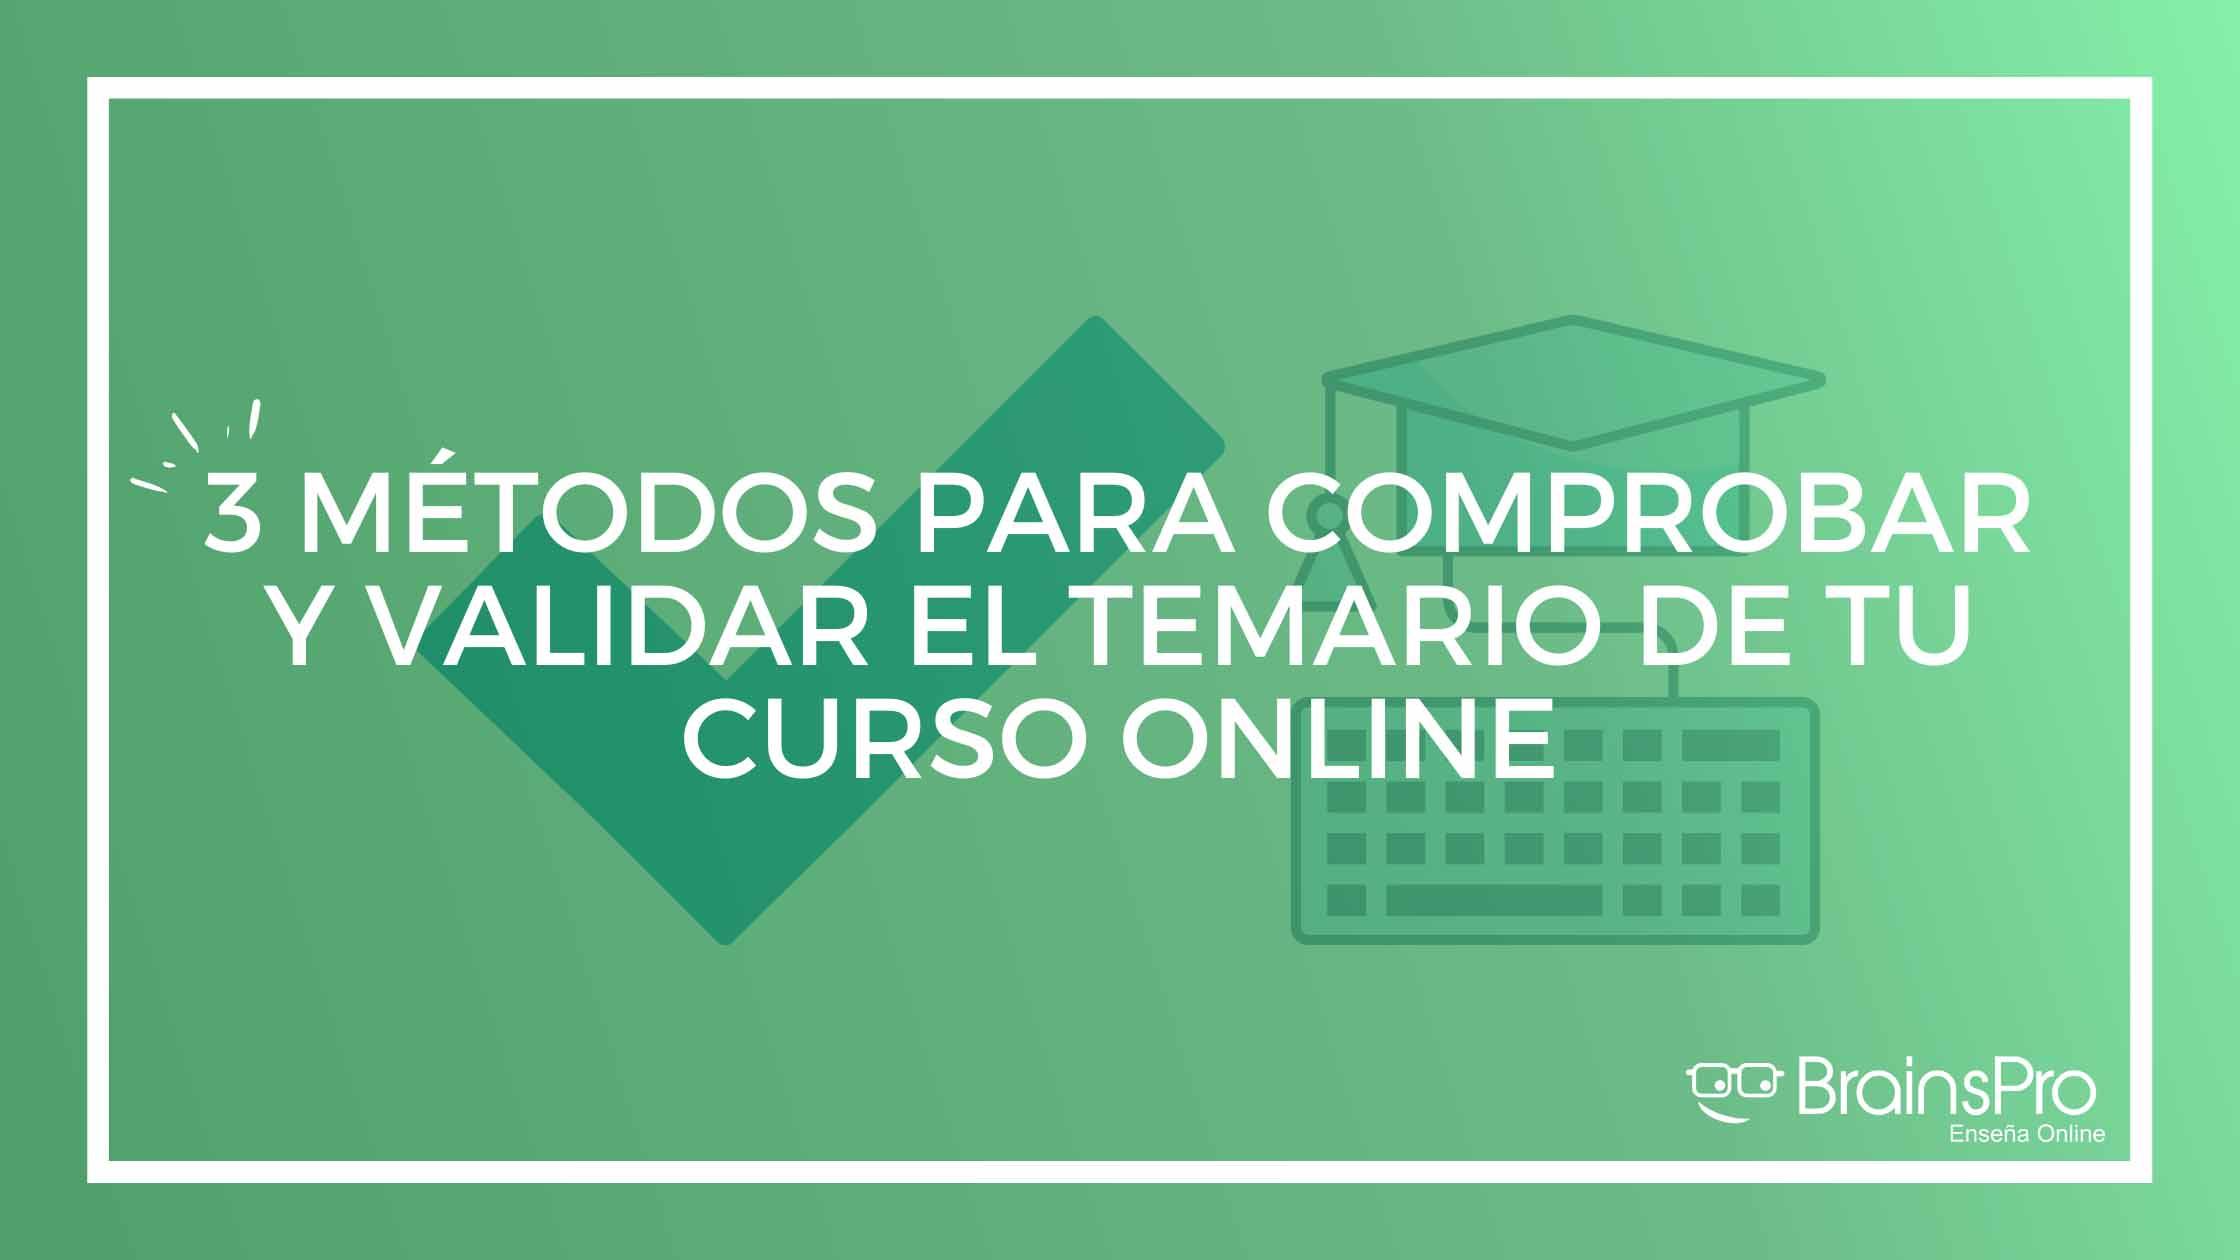 Cómo validar el temario de tu curso online